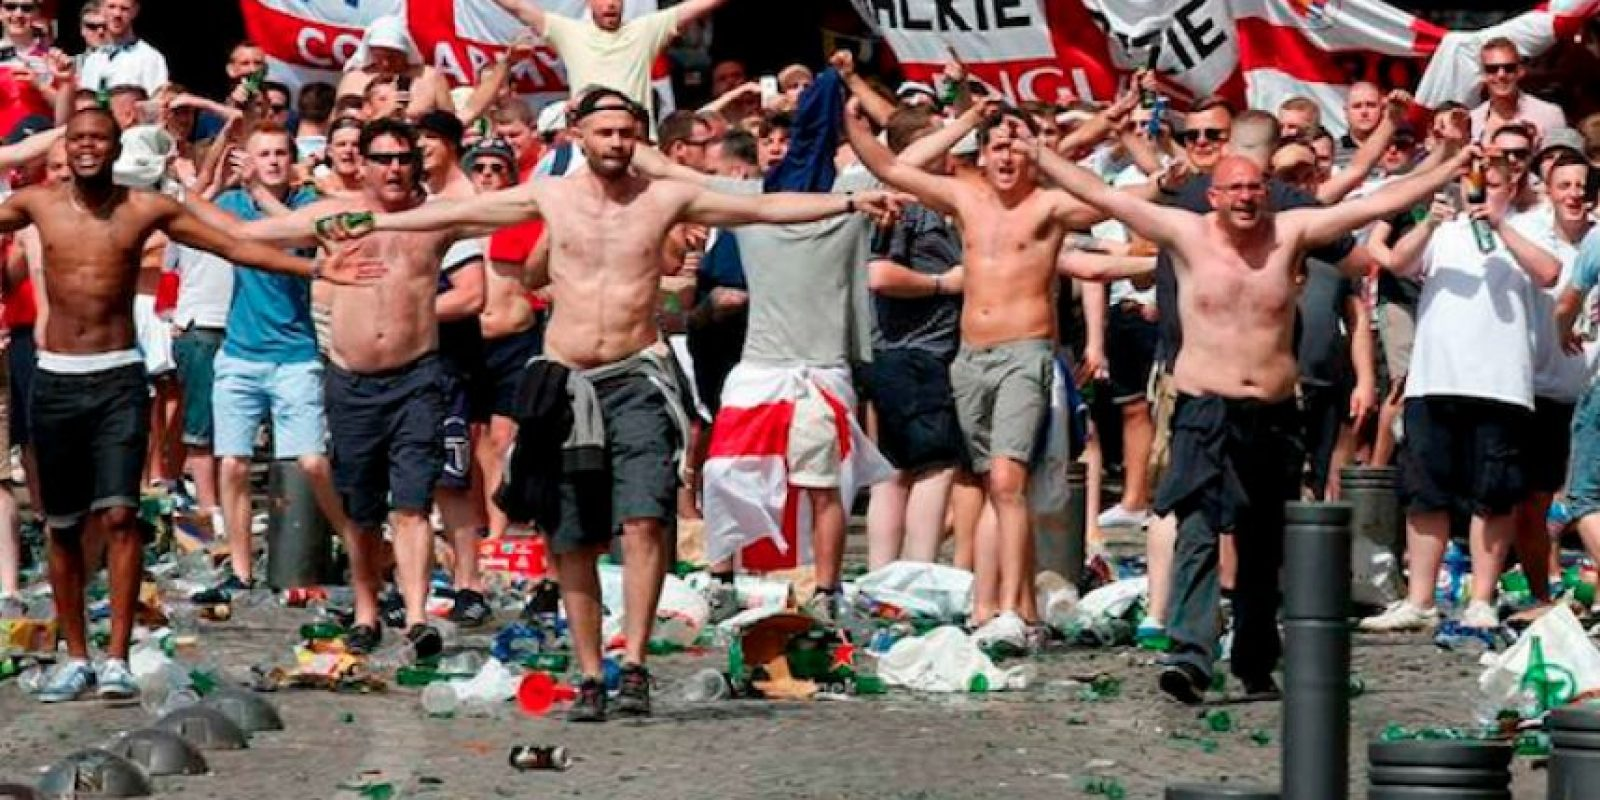 Los hooligans volvieron a protagonizar la violencia en Francia. Foto:Twitter